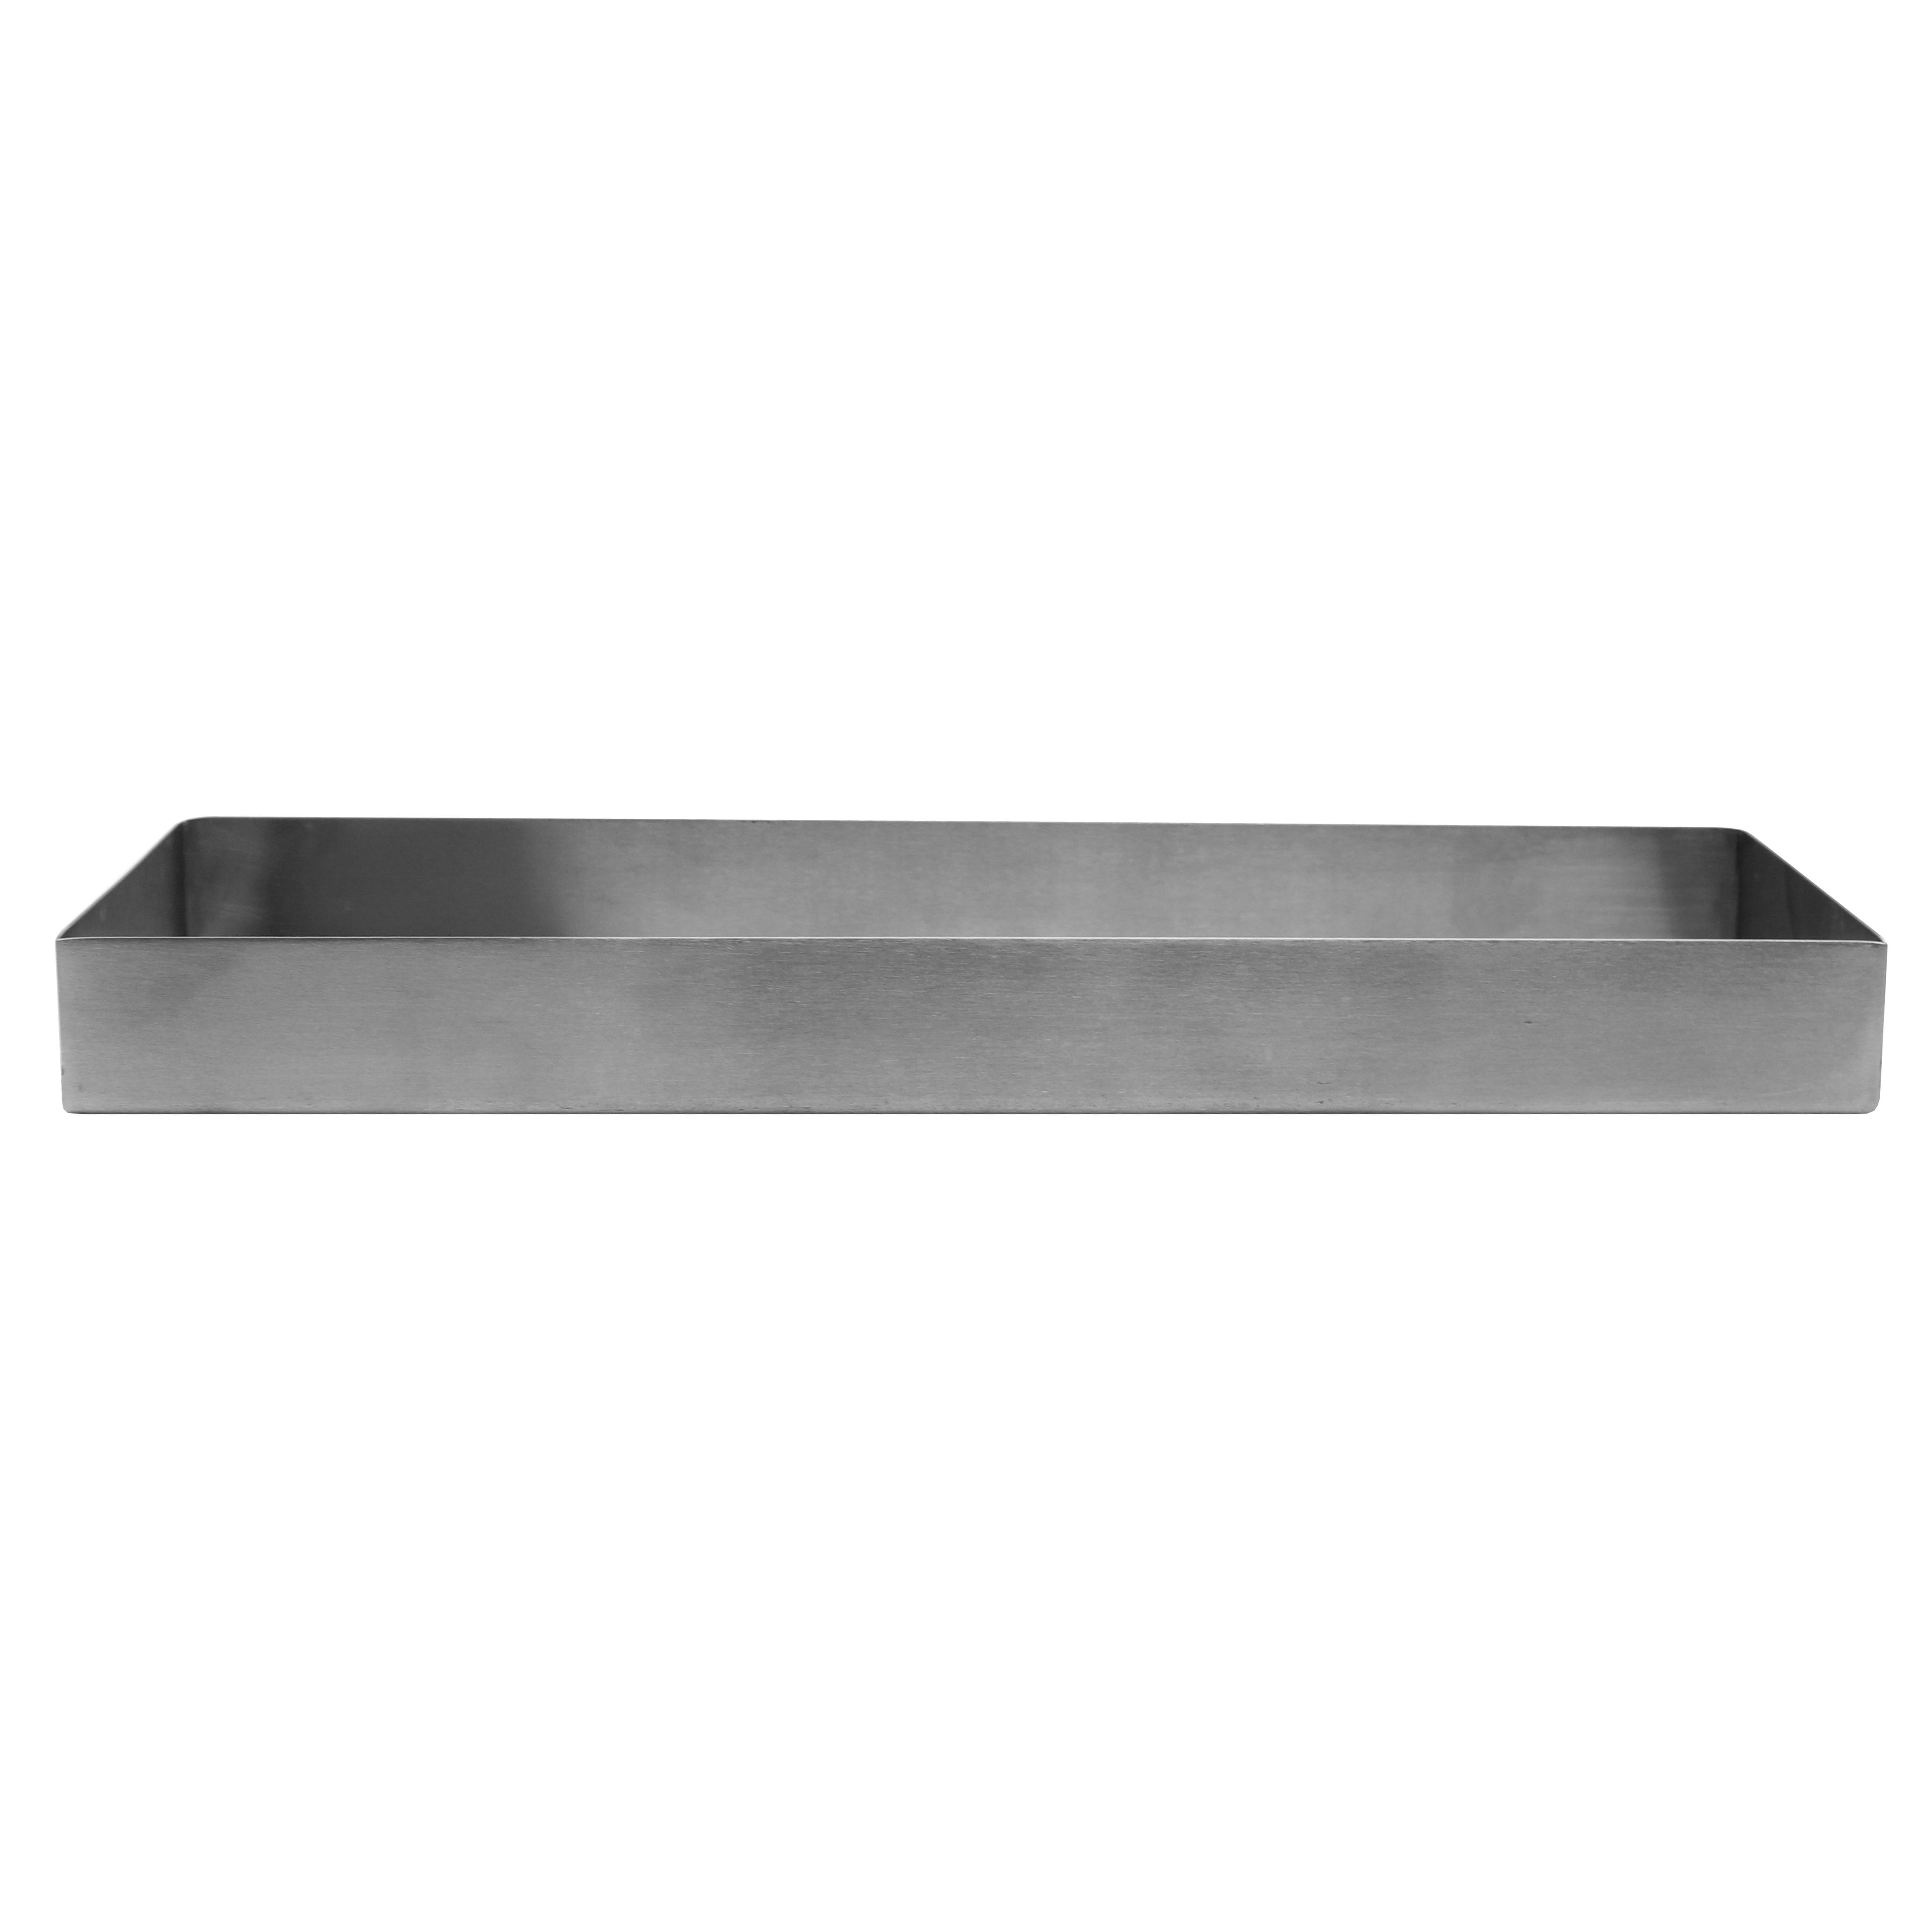 TableCraft Products SS4007 bowl, metal,  1 - 2 qt (32 - 95 oz)